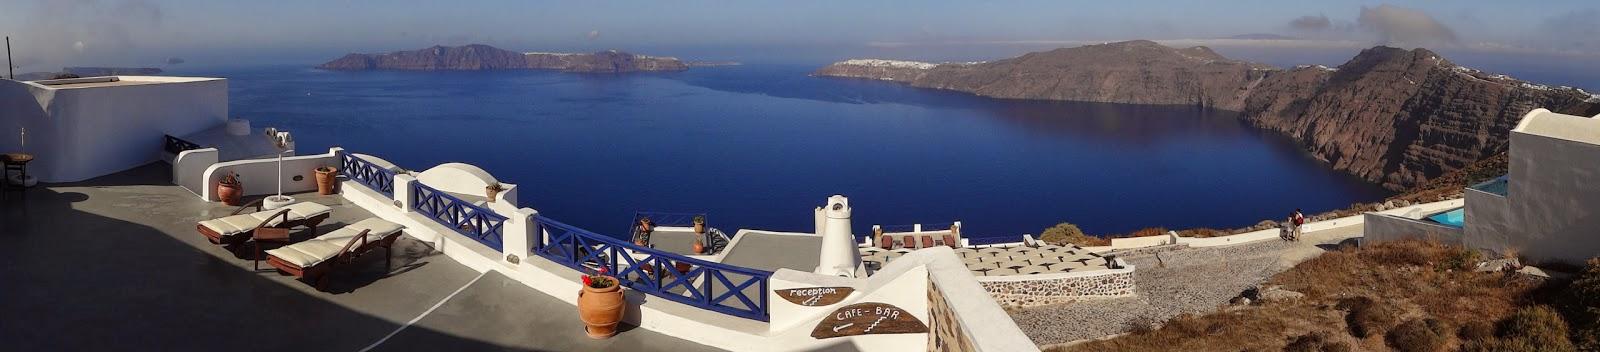 Mi viaje a las tacas las c cladas i santorini for Oficina de turismo de grecia